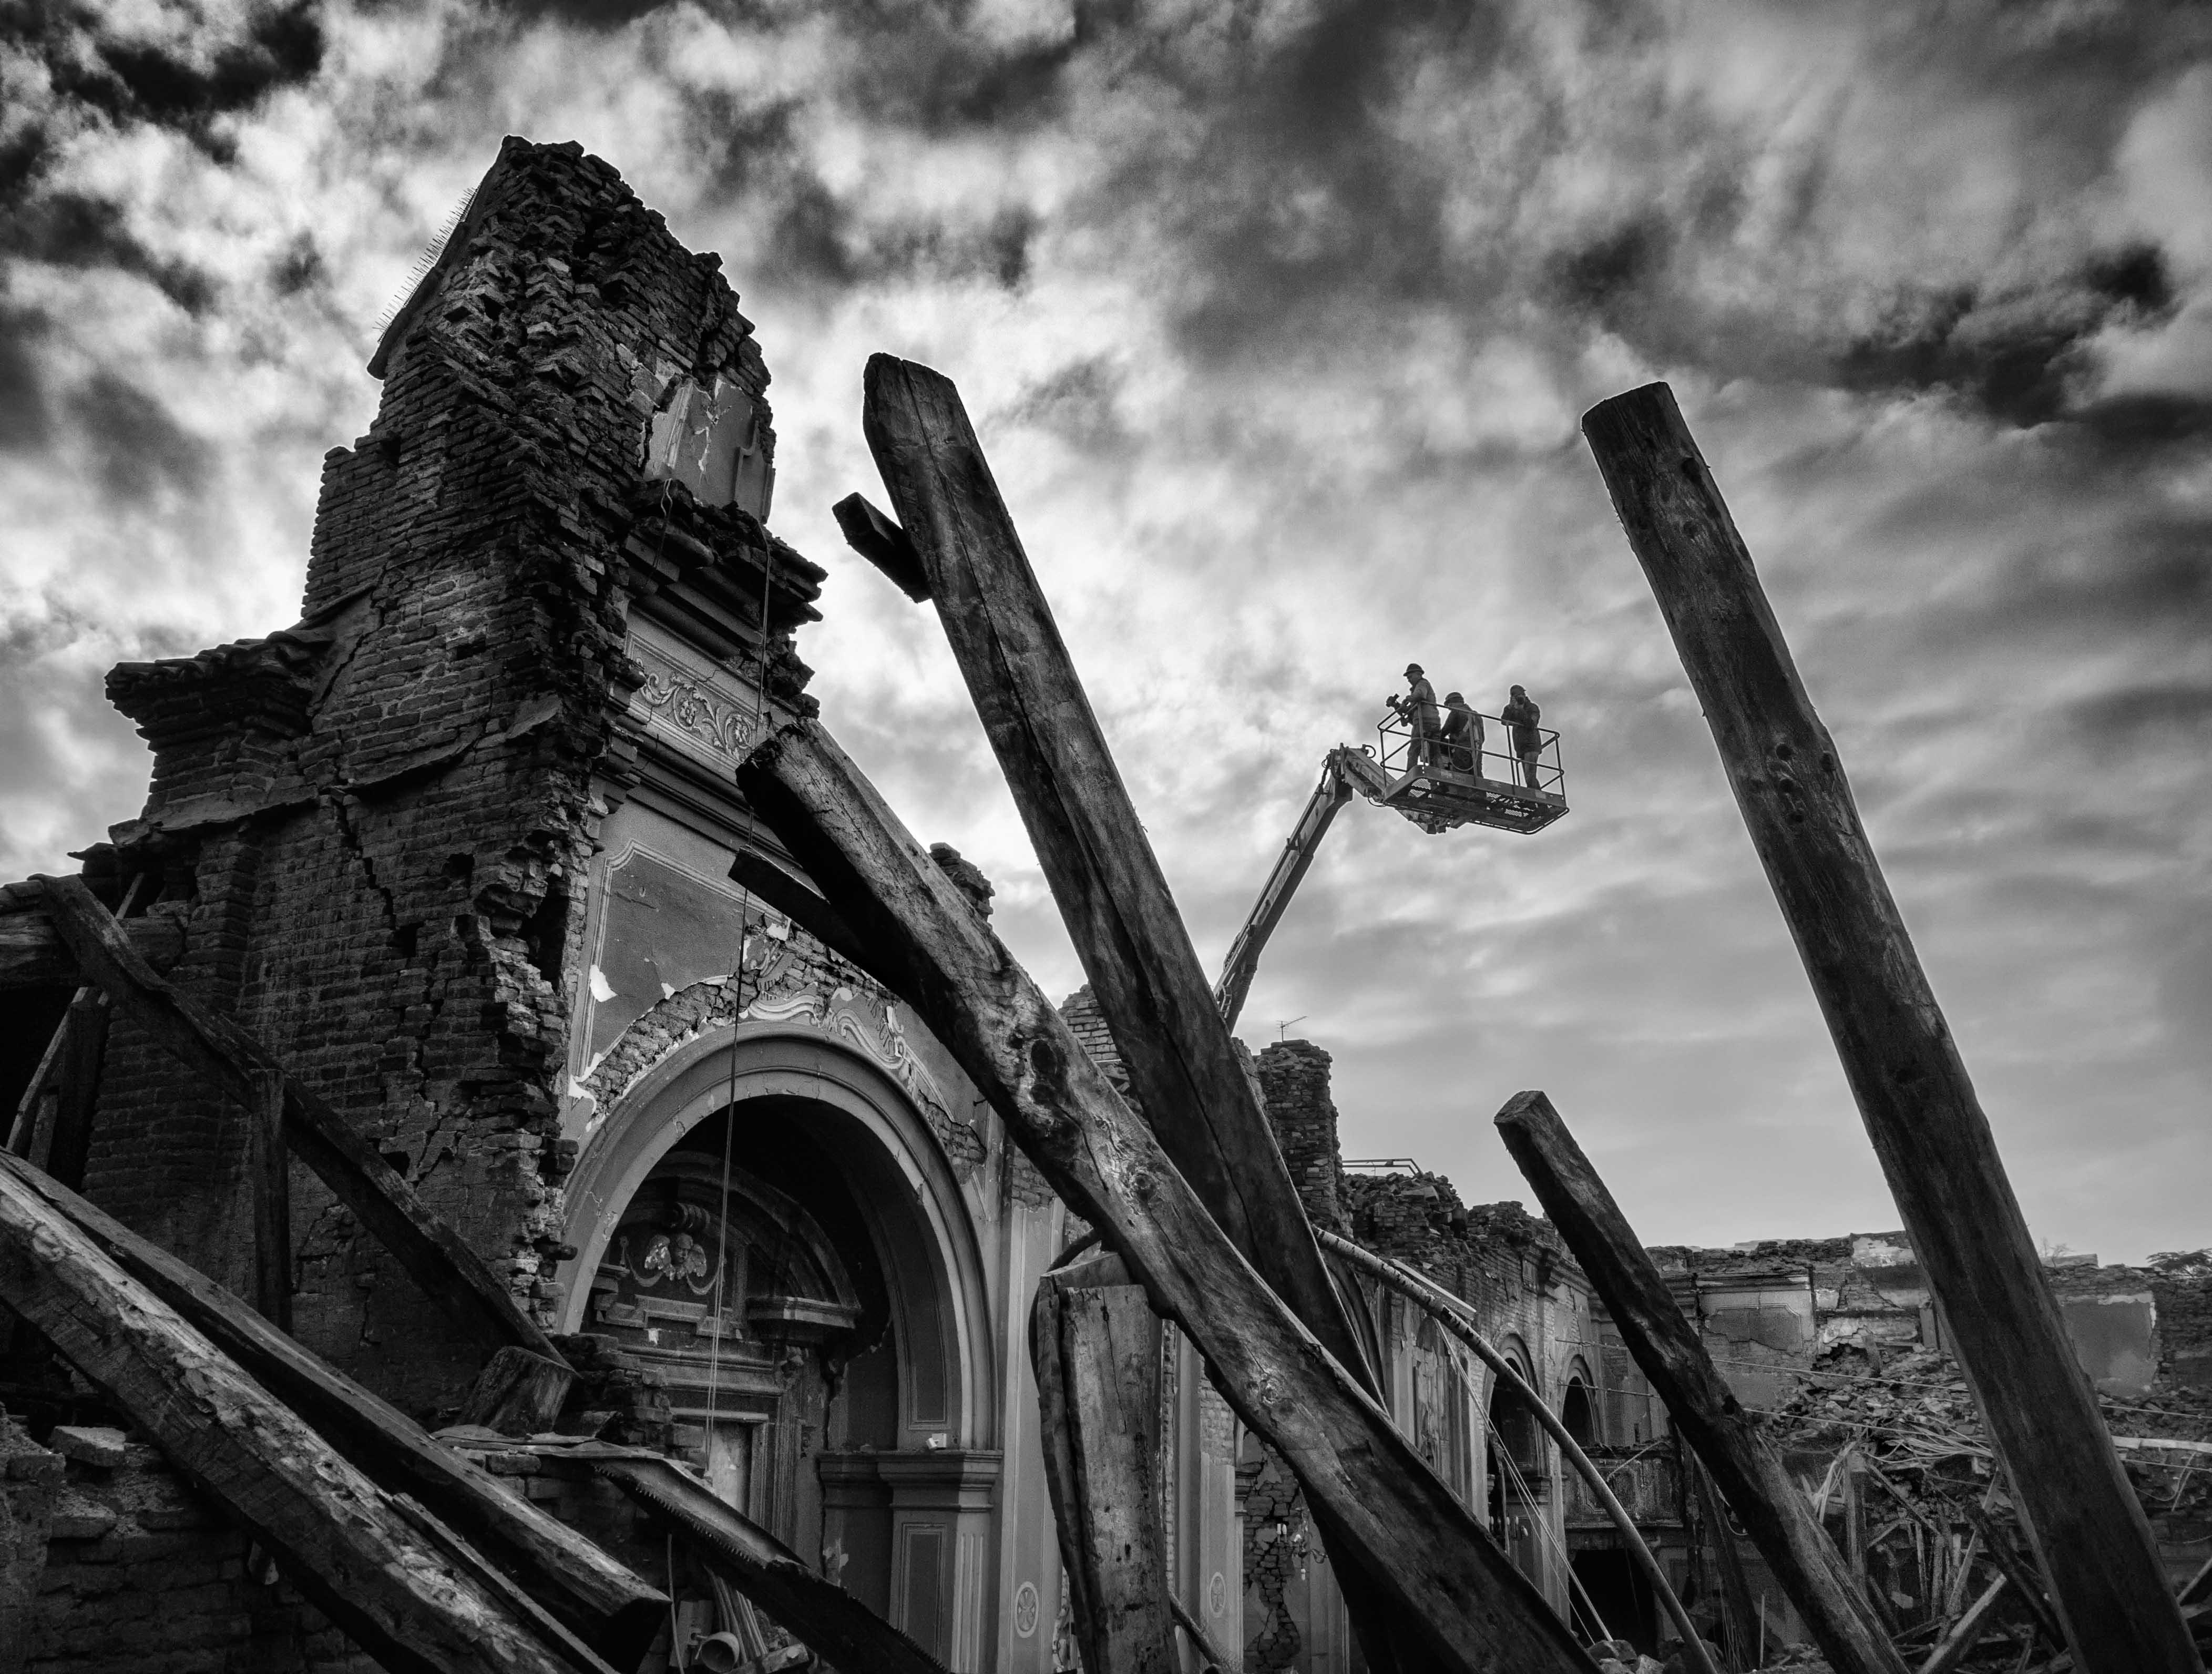 Chiesa Parrocchiale di San Felice Vescovo Martire. Foto: lucaphoto CC BY-SA 4.0. via Wikimedia Commons.